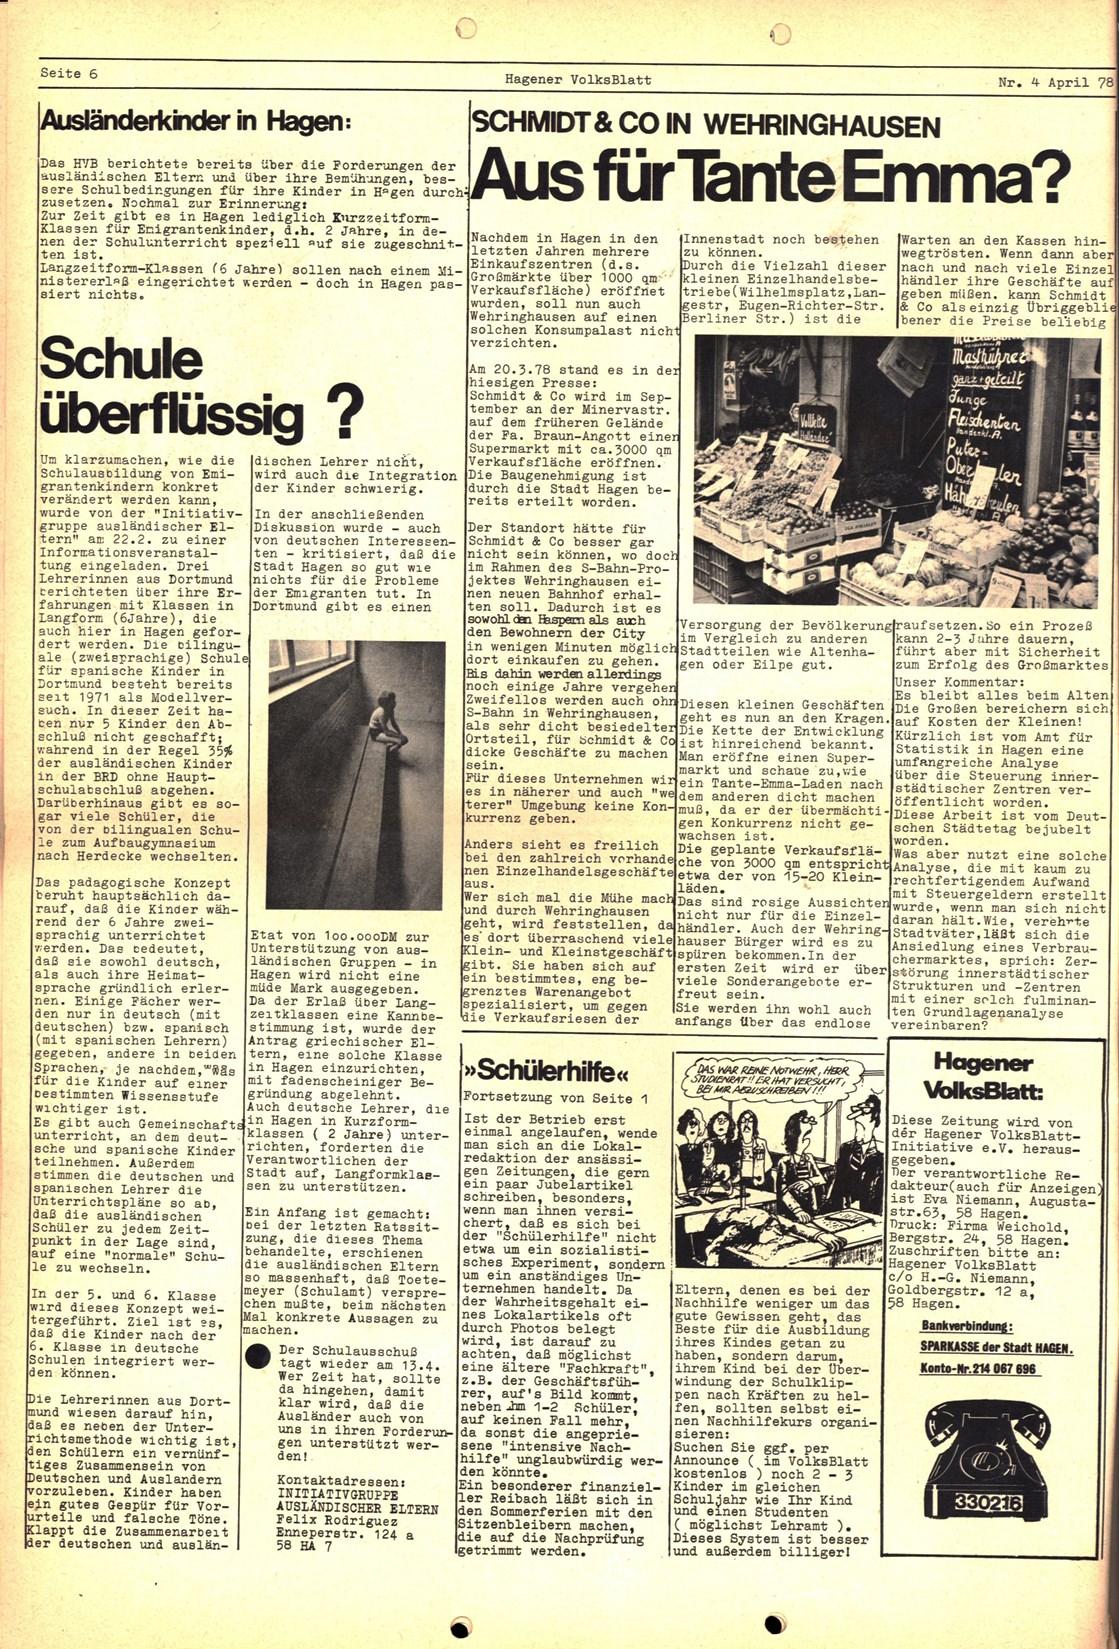 Hagen_Volksblatt_19780400_06